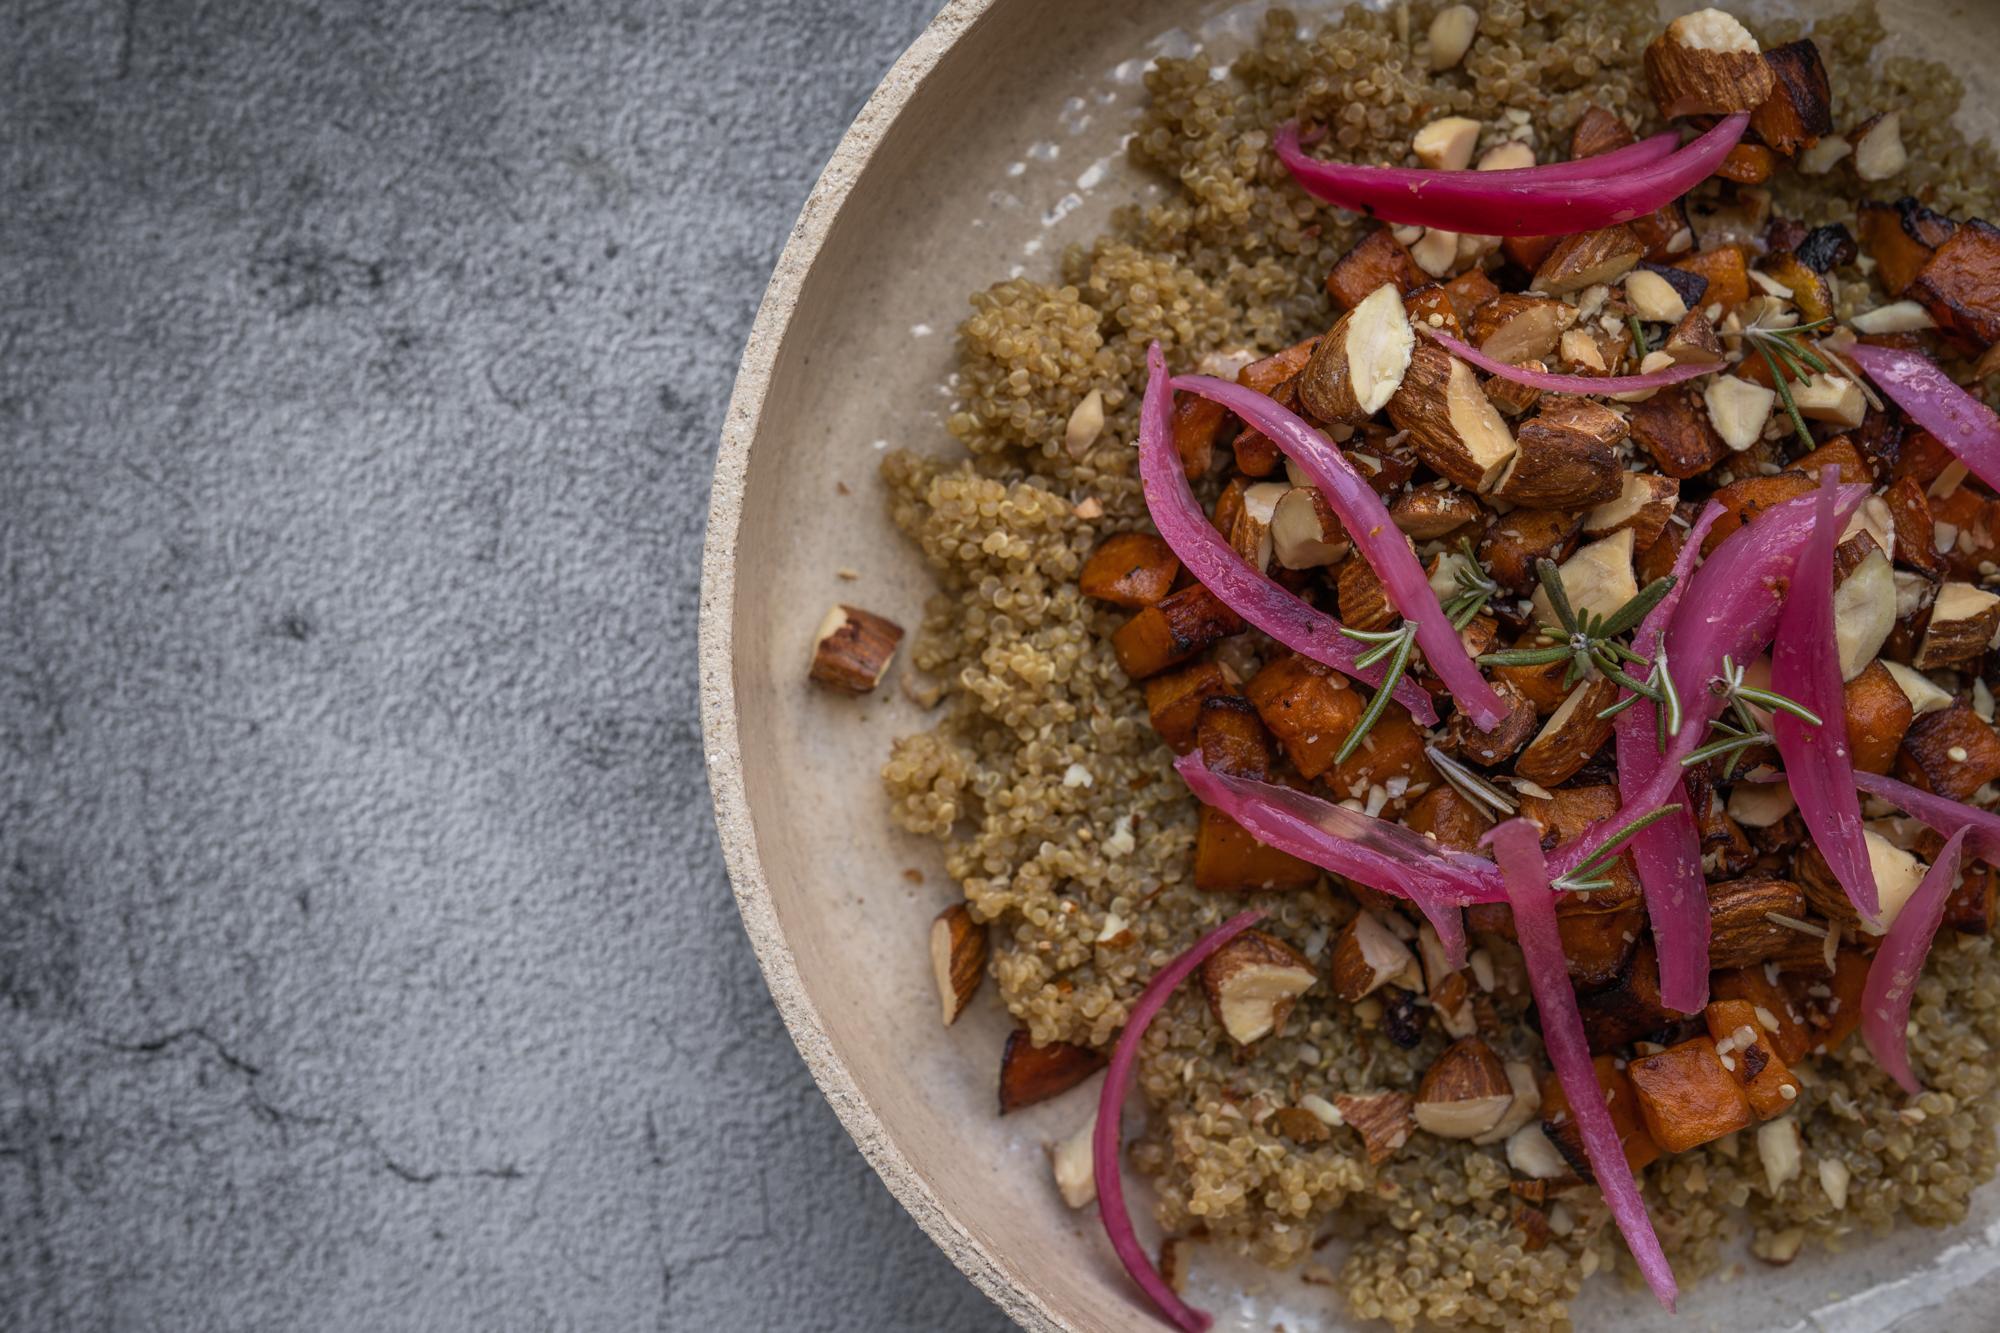 Quinoa, patates douces, oignons rouges et amandes